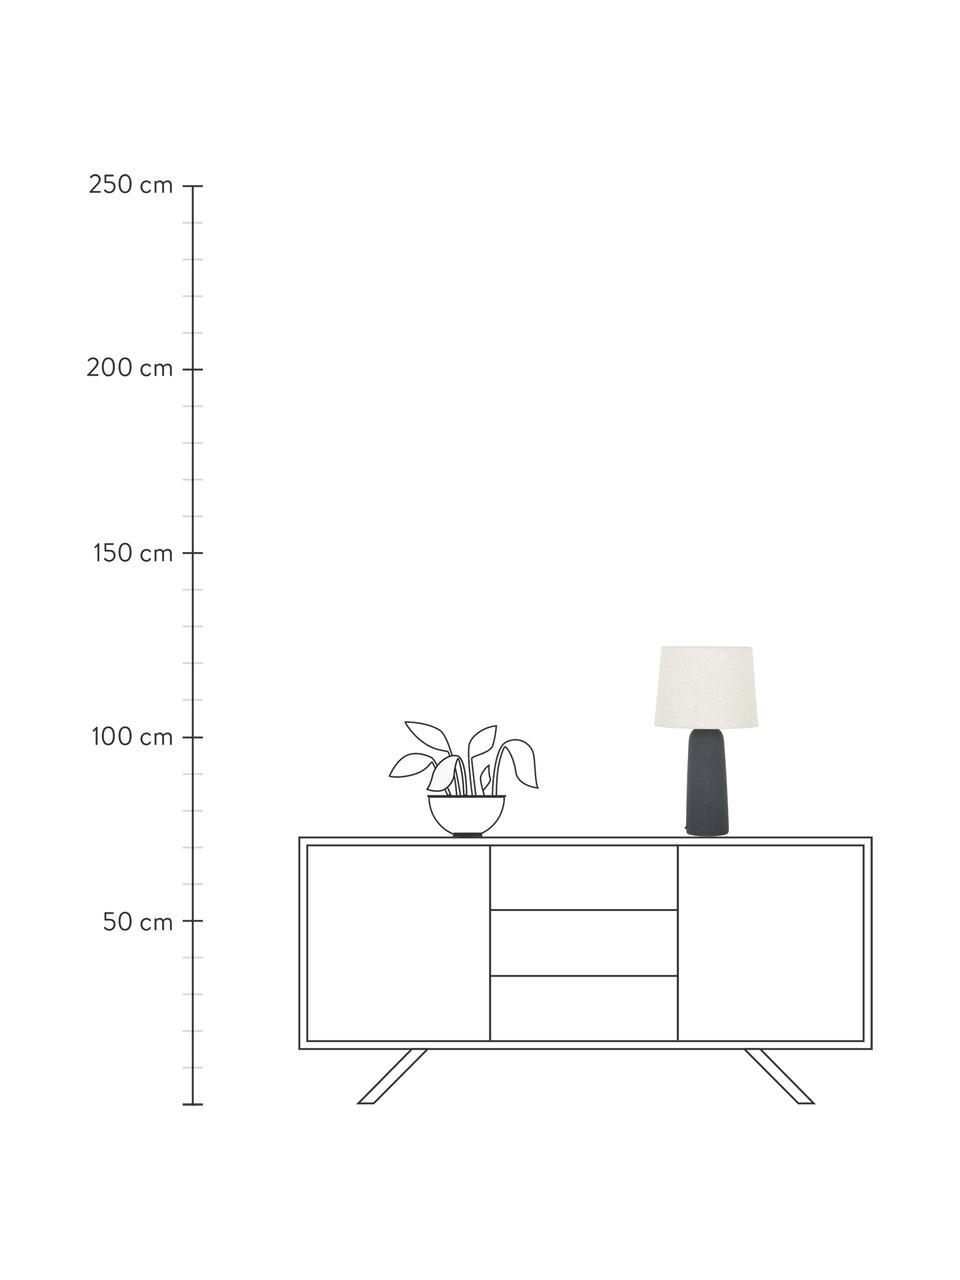 Lampada da tavolo con base in cemento Kaya, Paralume: 80% cotone, 20% lino, Base della lampada: cemento, Paralume: beige base della lampada: grigio scuro cavo: nero, Ø 29 x Alt. 52 cm